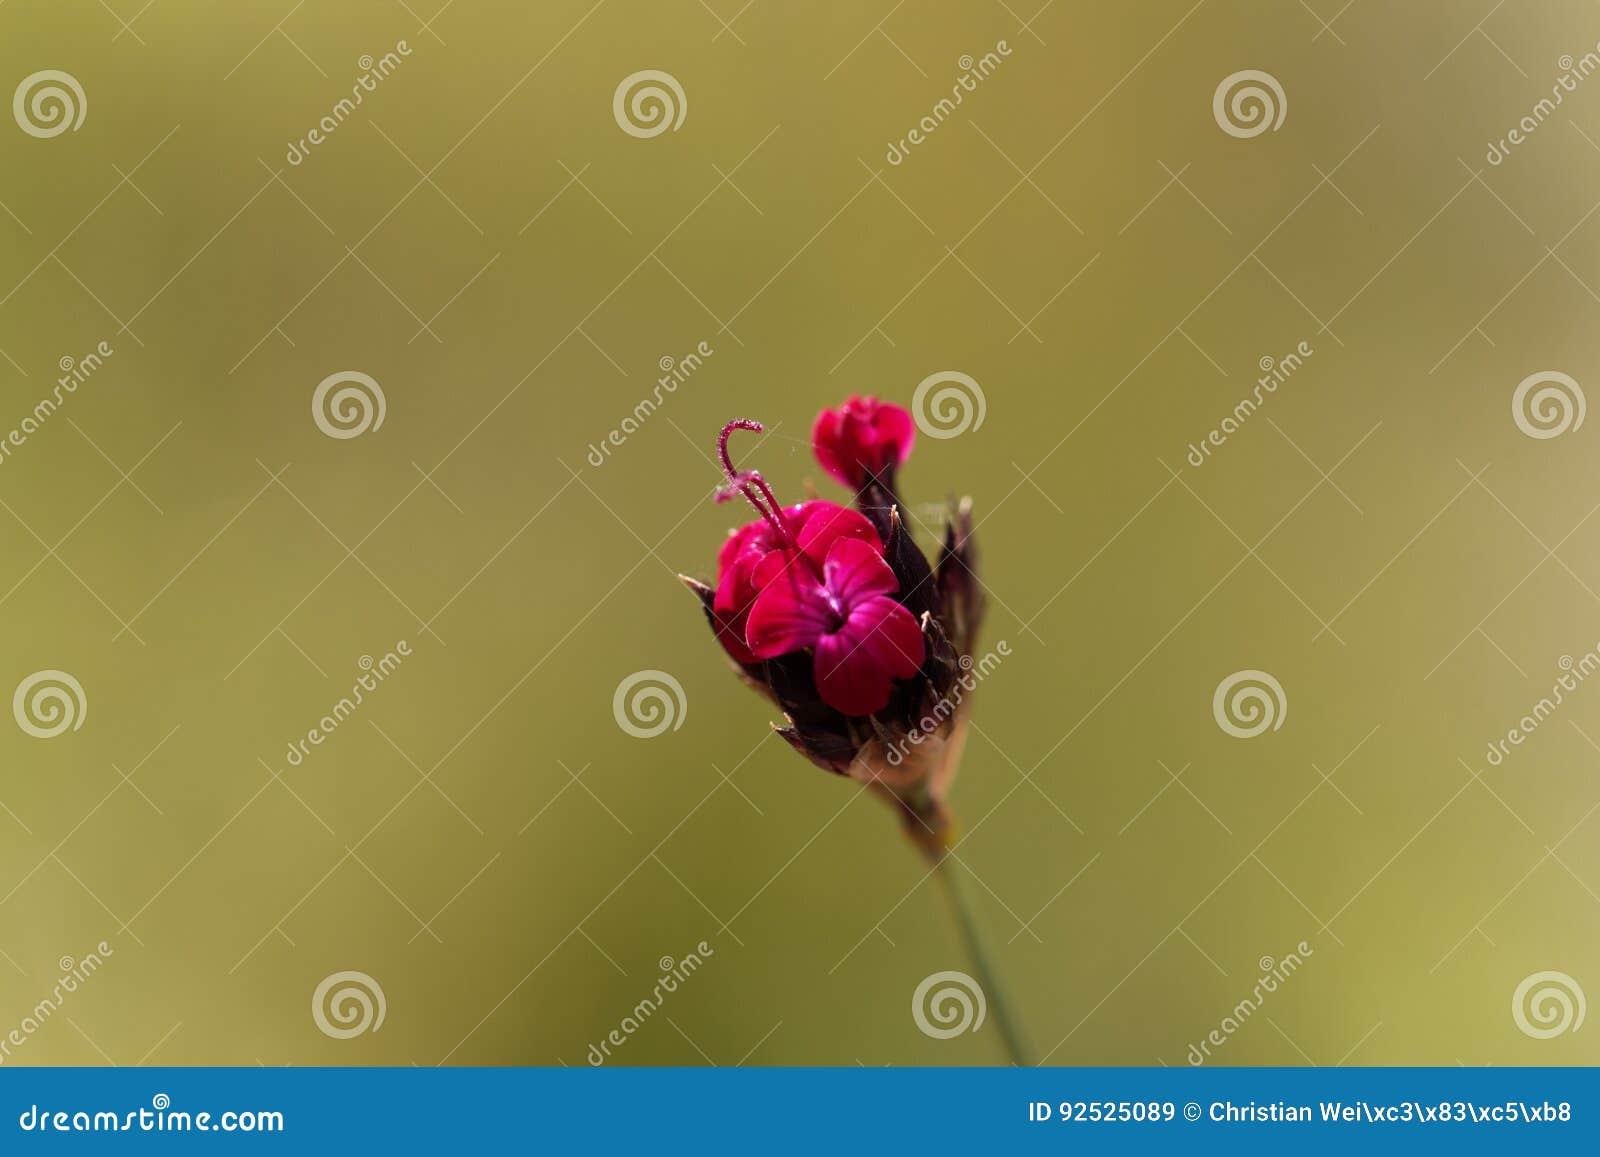 Καρθουσιανό ρόδινο sanguineus Dianthus ή subsp carthusianorum Dianthus sanguineus